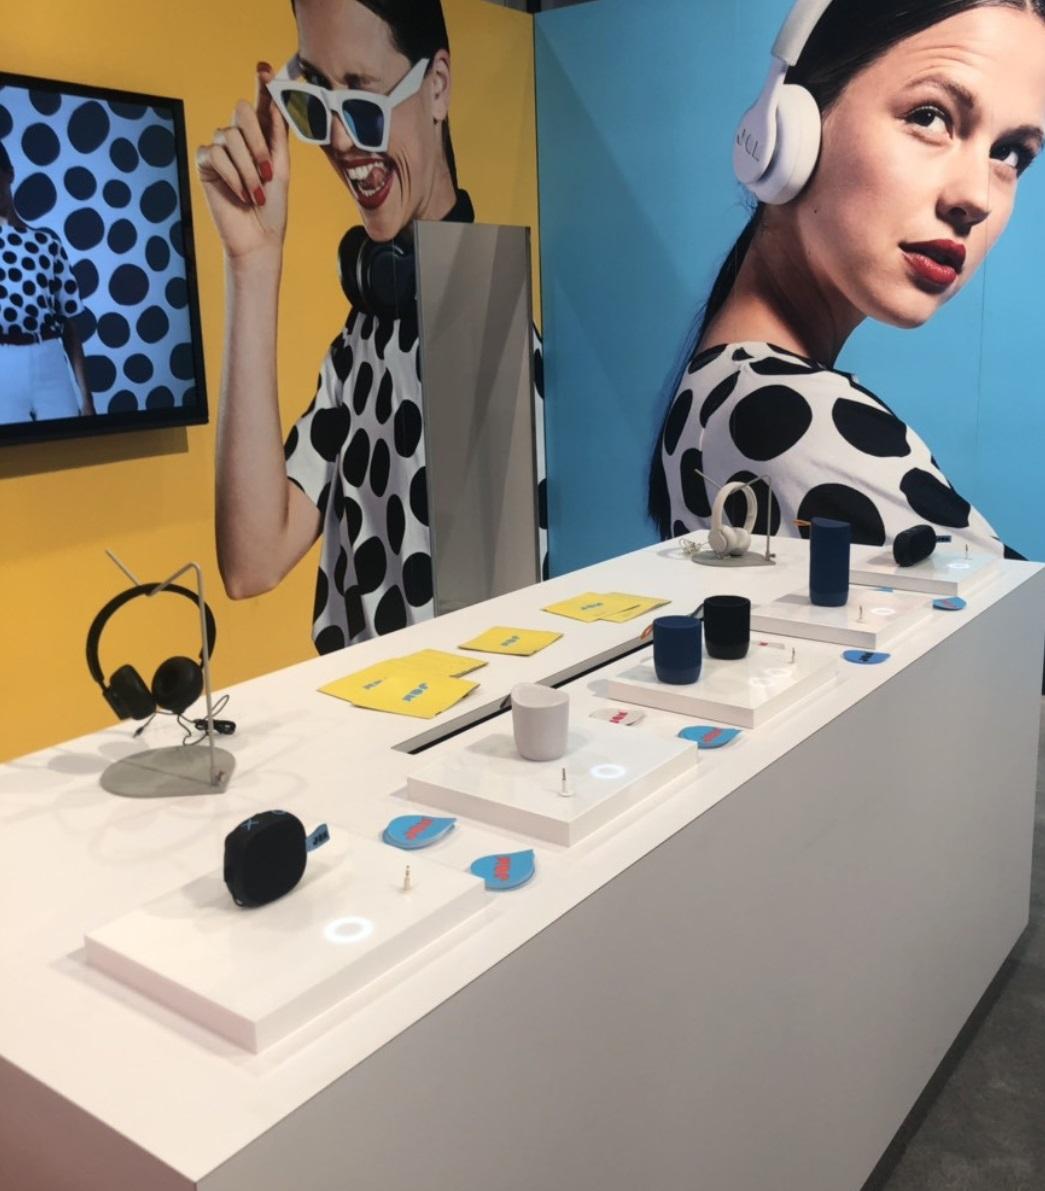 米国の人気オーディオブランド「JAM Audio」が日本初上陸!期間限定のPOP UP STOREが表参道にオープン